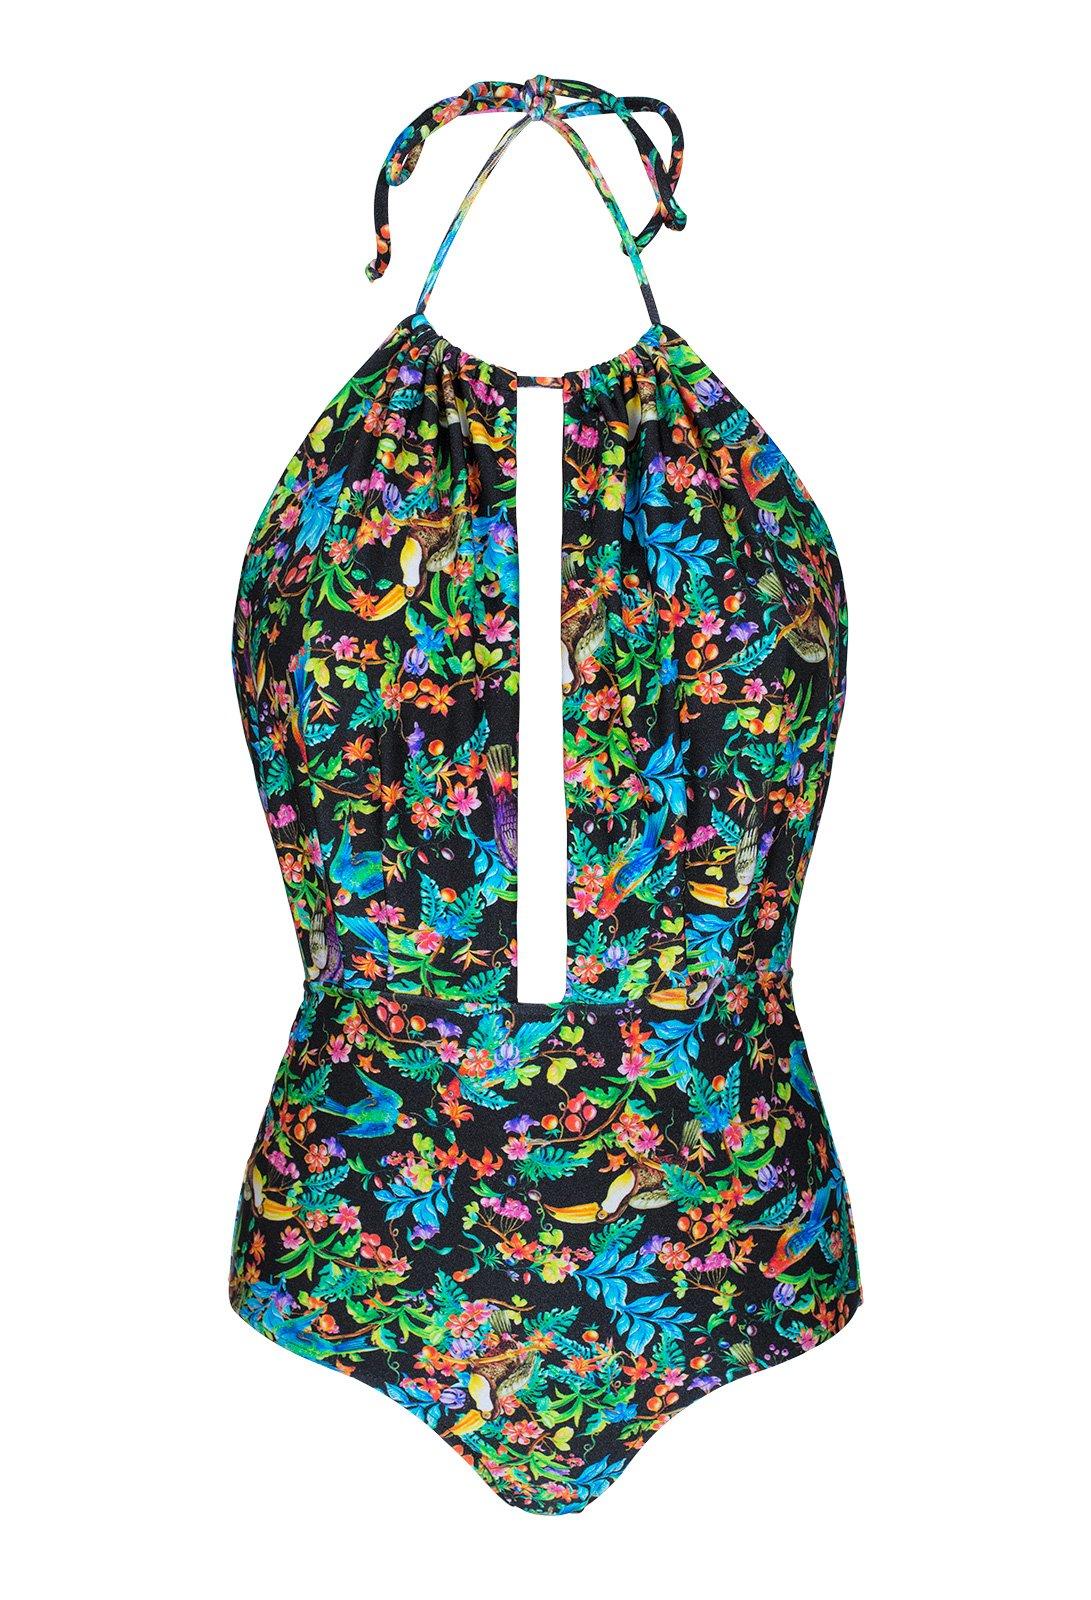 01d88ef5b733ac Czarny kostium kąpielowy z głębokim dekoltem - REALITY FLOWER DECOTE  PROFUNDO ...